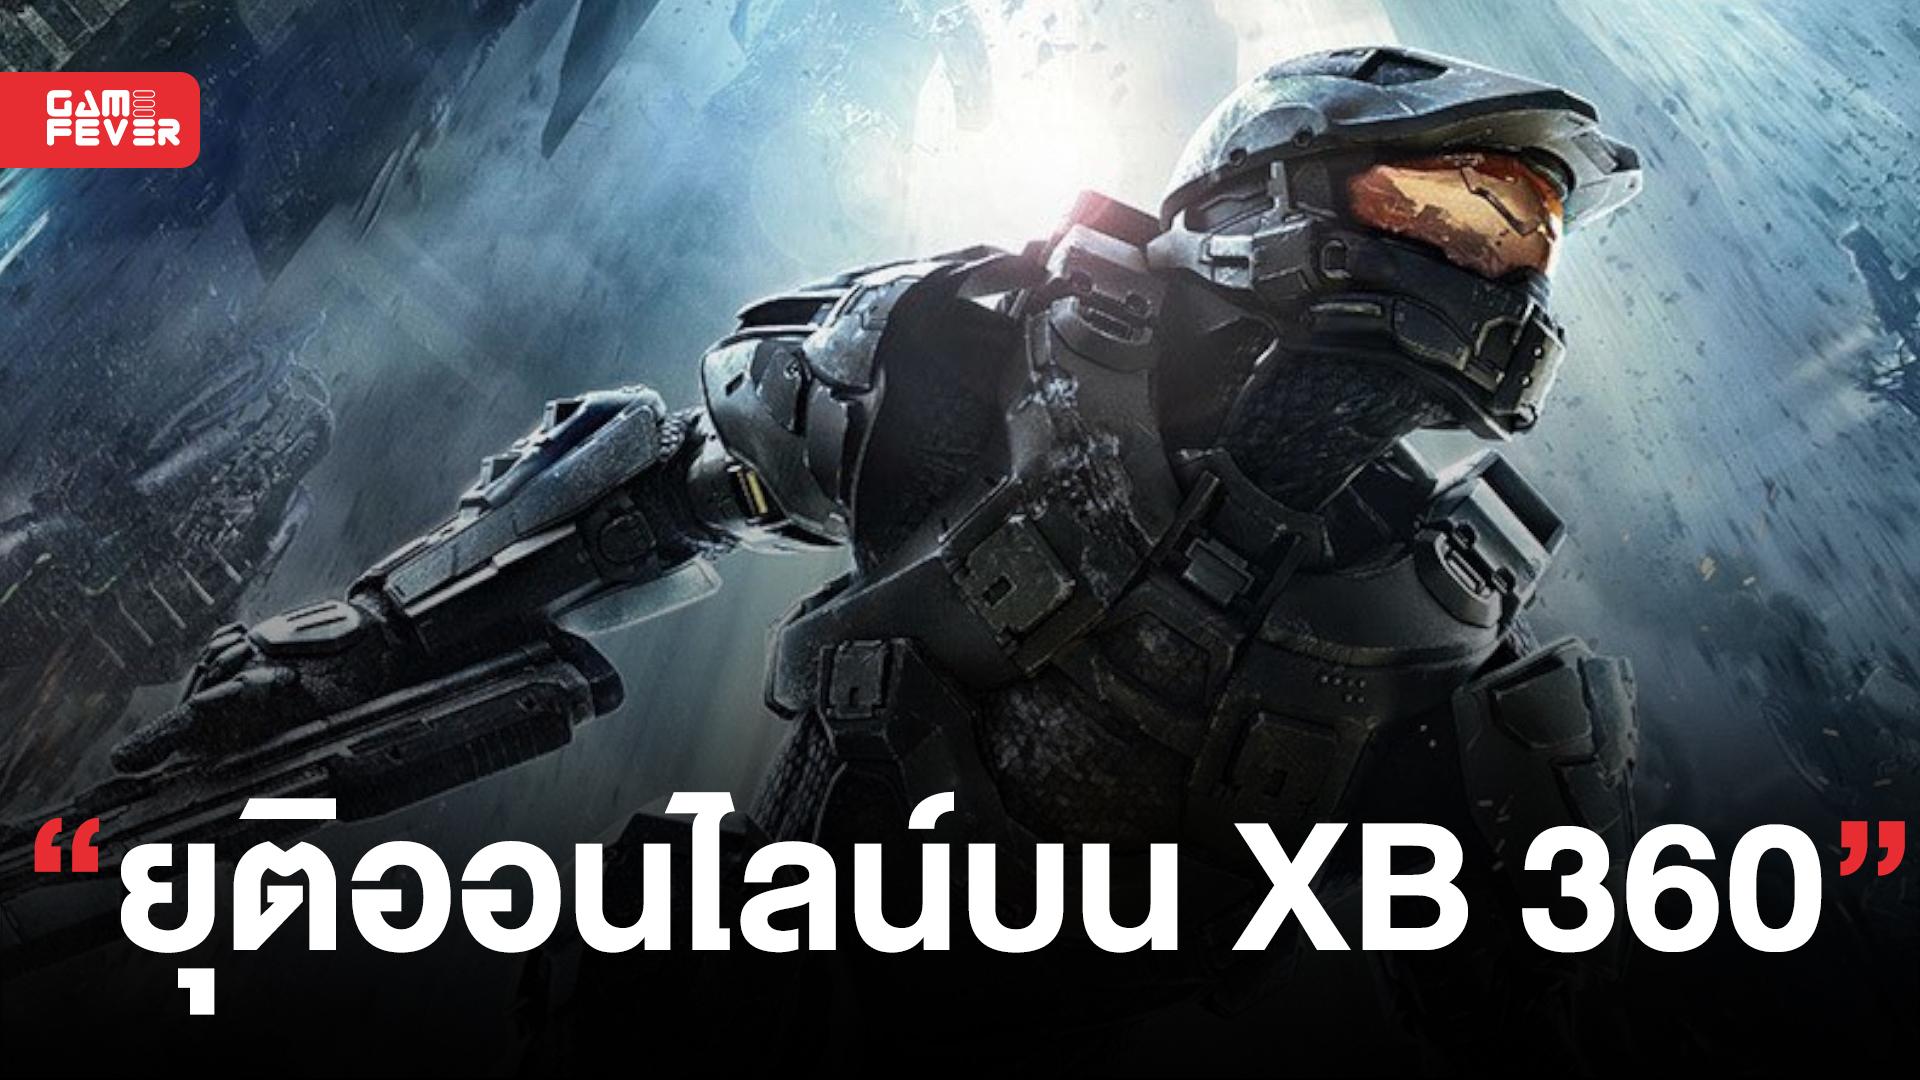 Halo เตรียมยุติให้บริการ Online Service บน Xbox 360 ปีหน้า